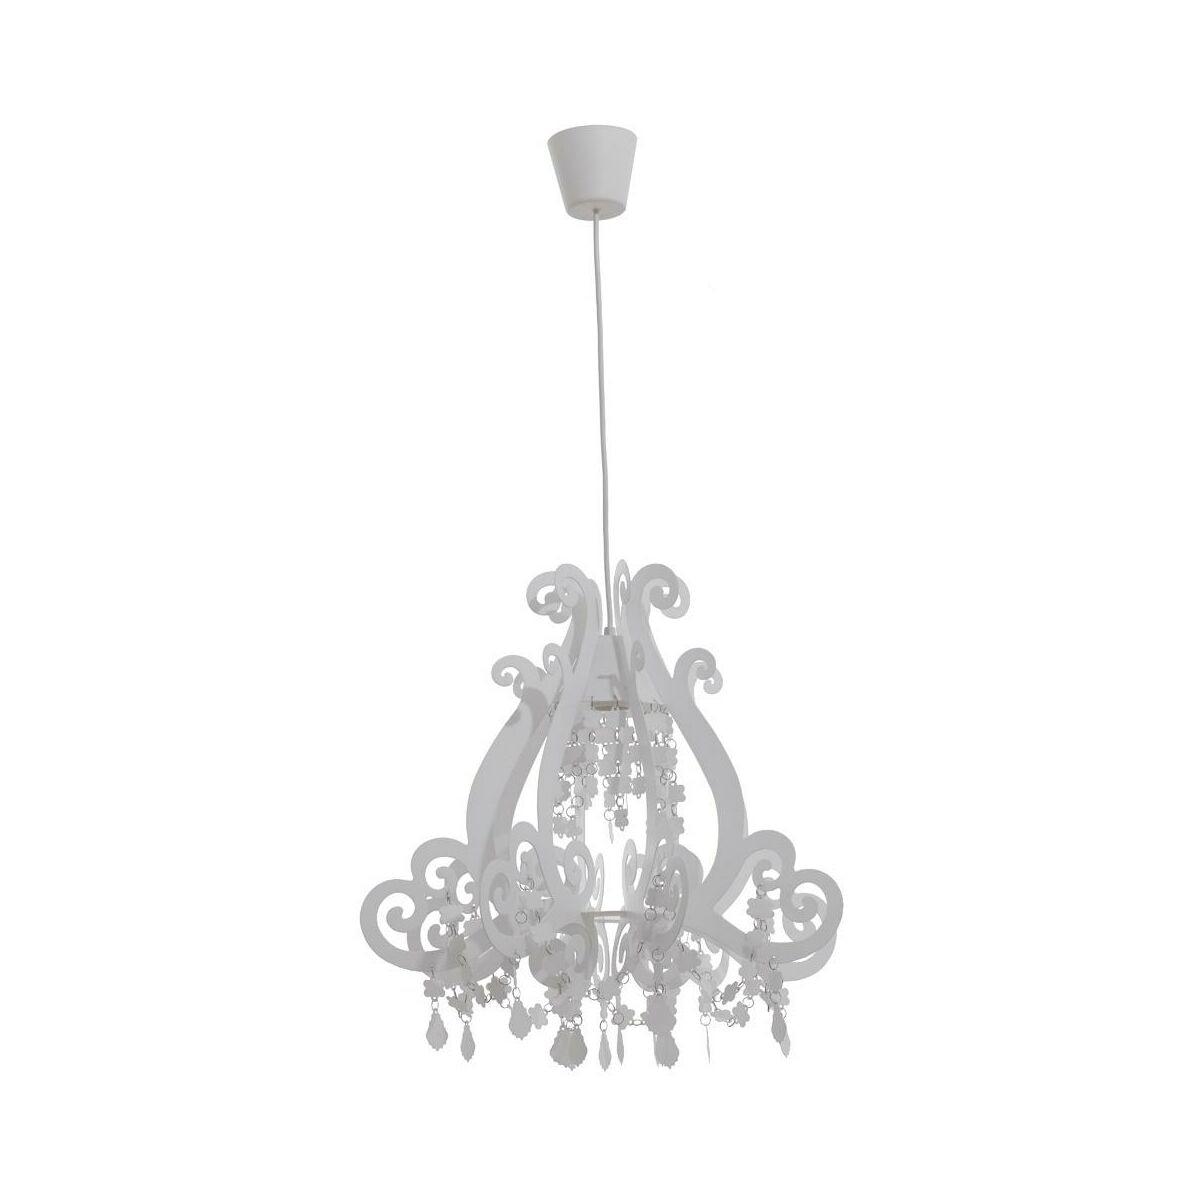 Lampa Wiszaca Inka Biala E27 Oriva Ab Zyrandole Lampy Wiszace I Sufitowe W Atrakcyjnej Cenie W Sklepach Leroy Merlin